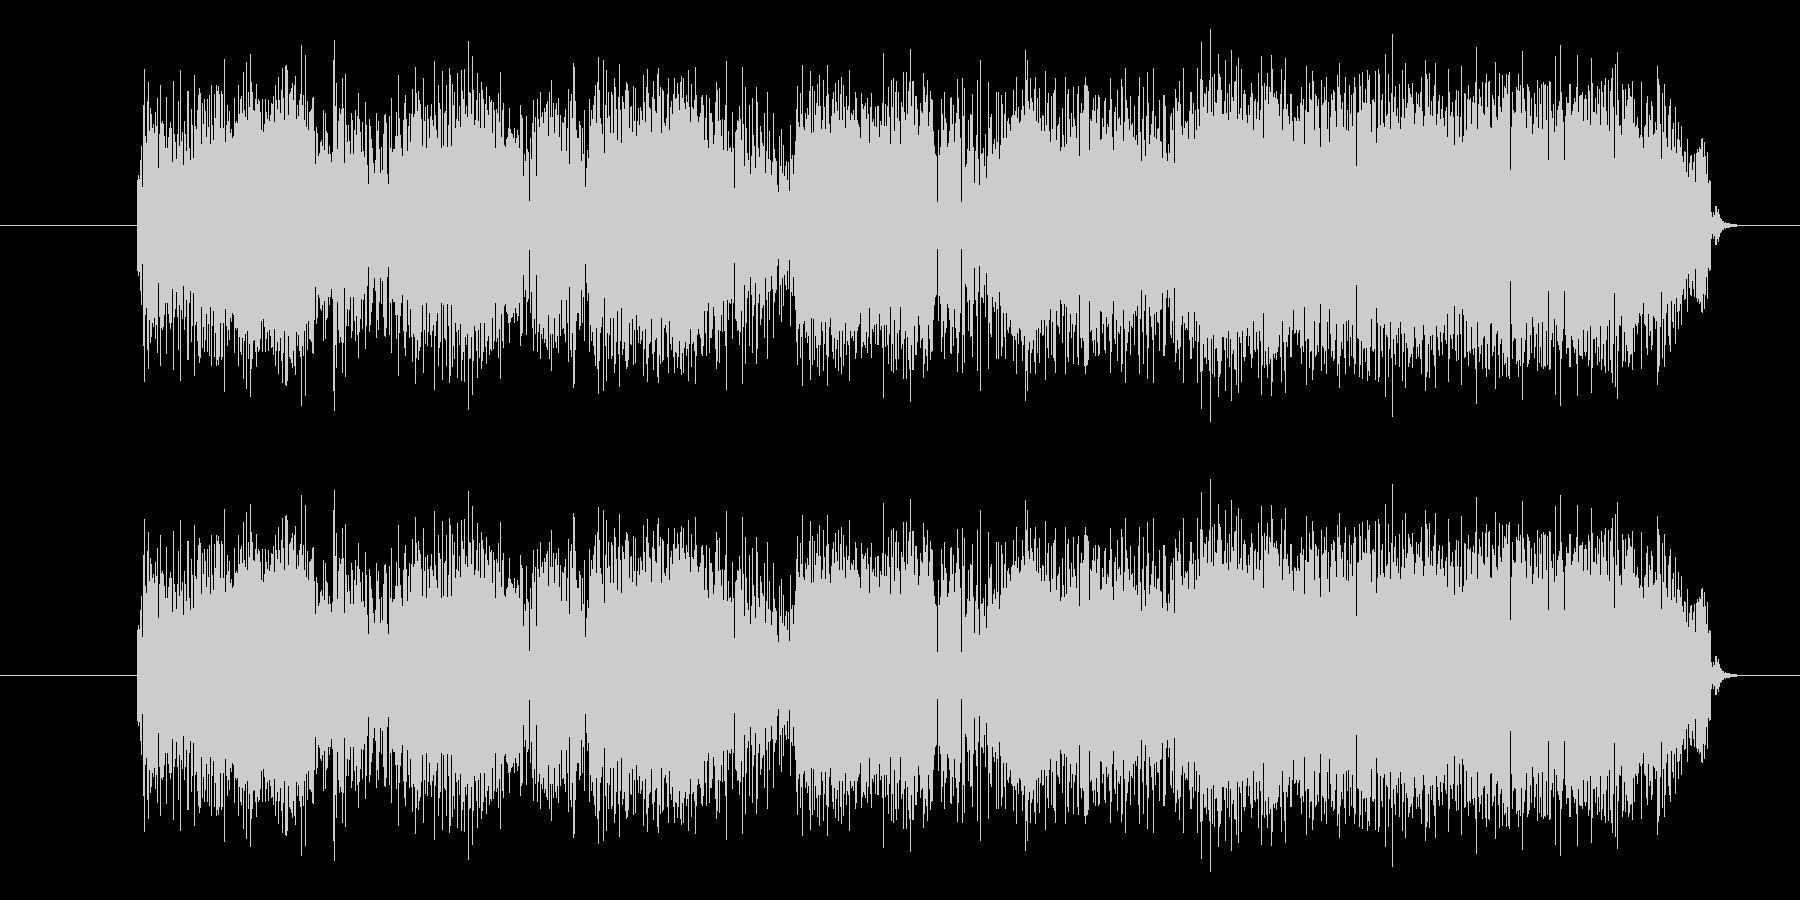 ロックなエレキギターのフレーズジングルの未再生の波形